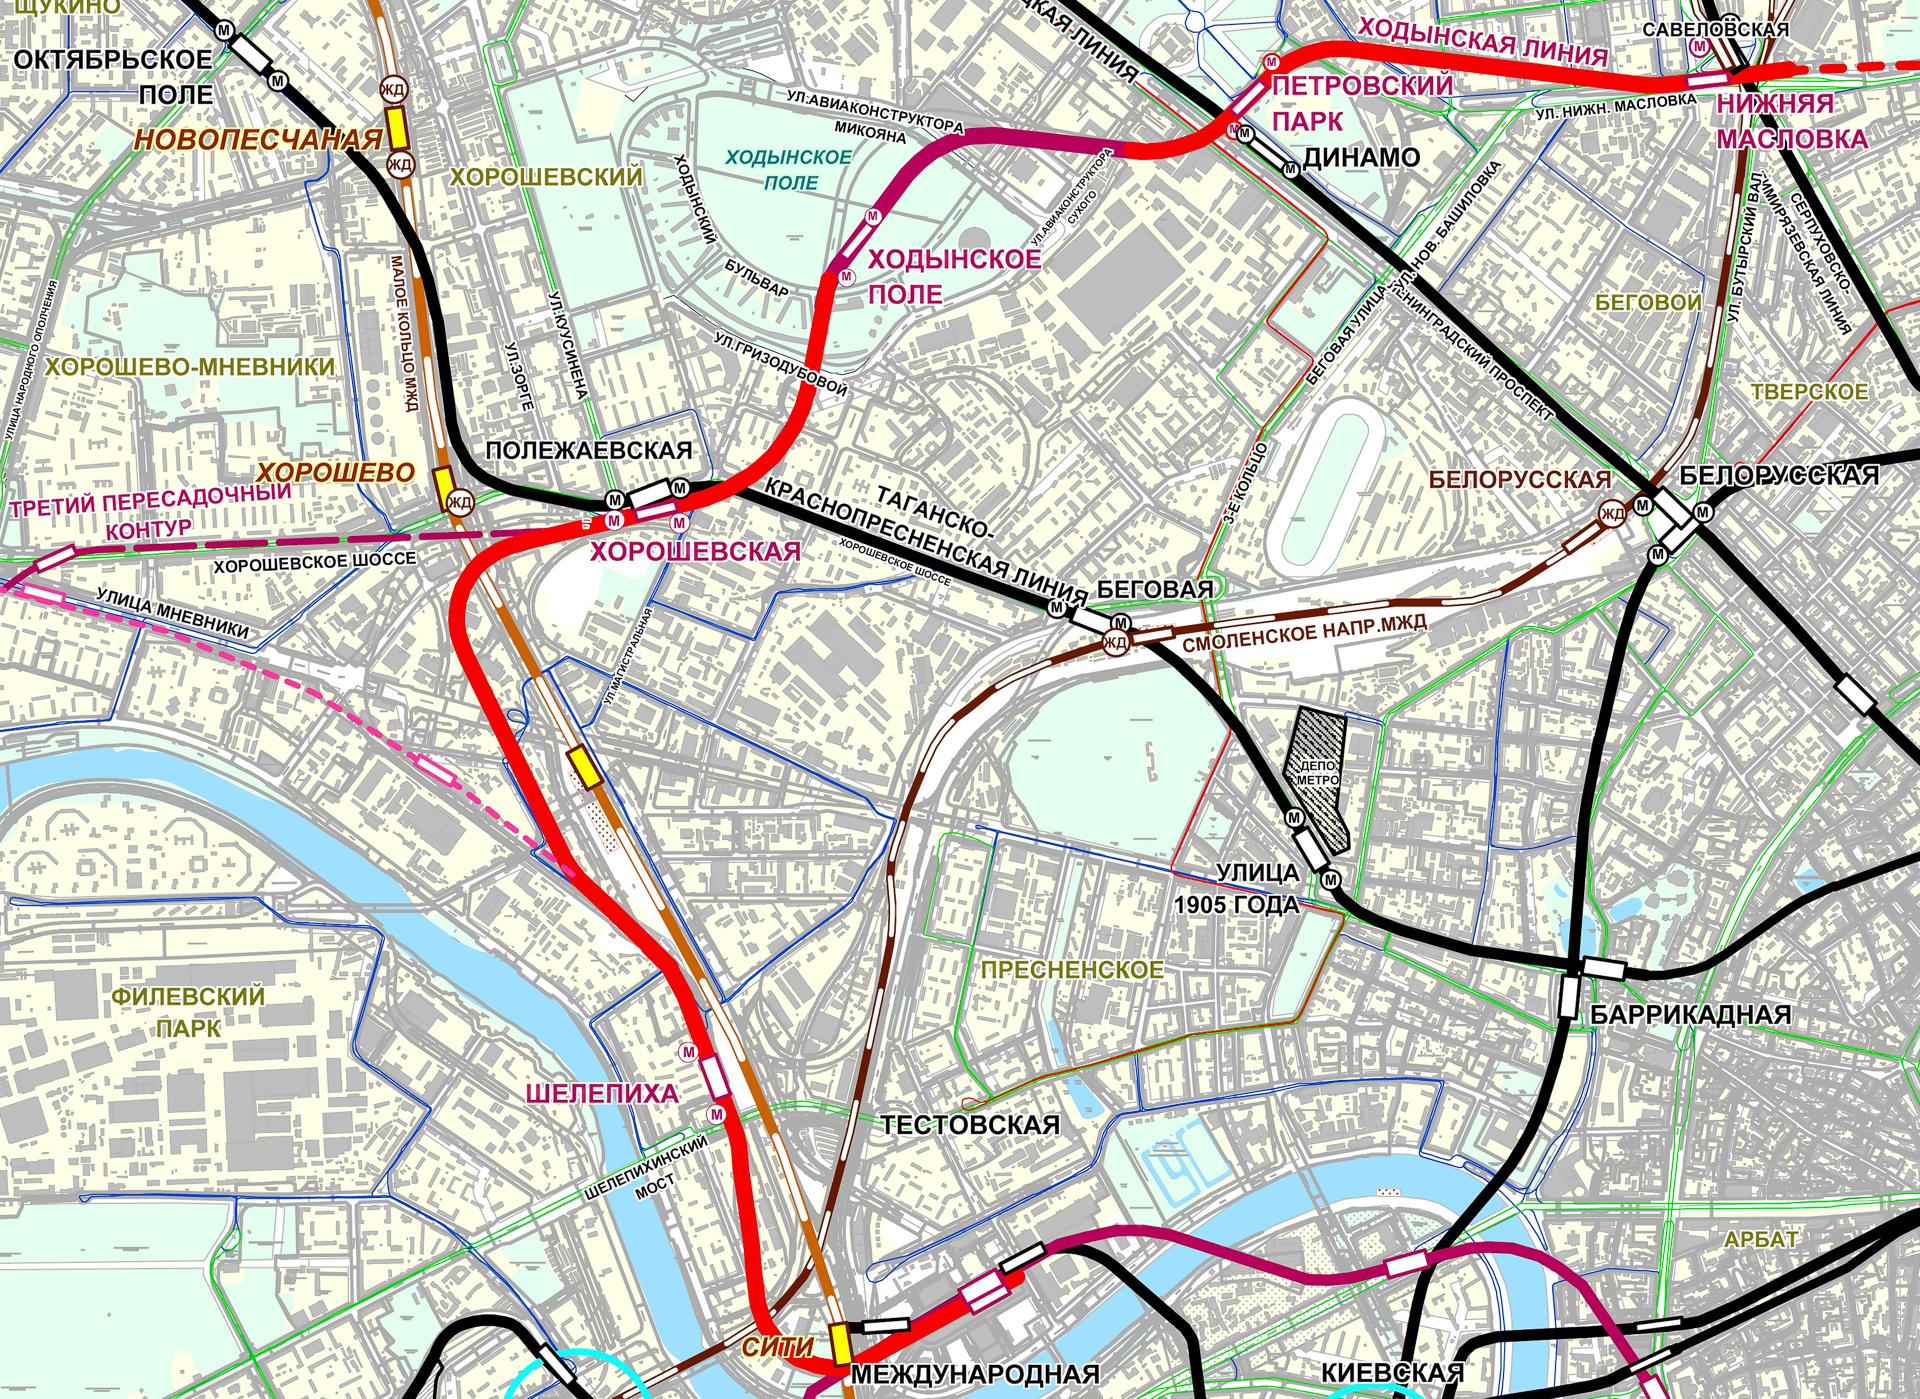 план схема нижегородского метро 2033